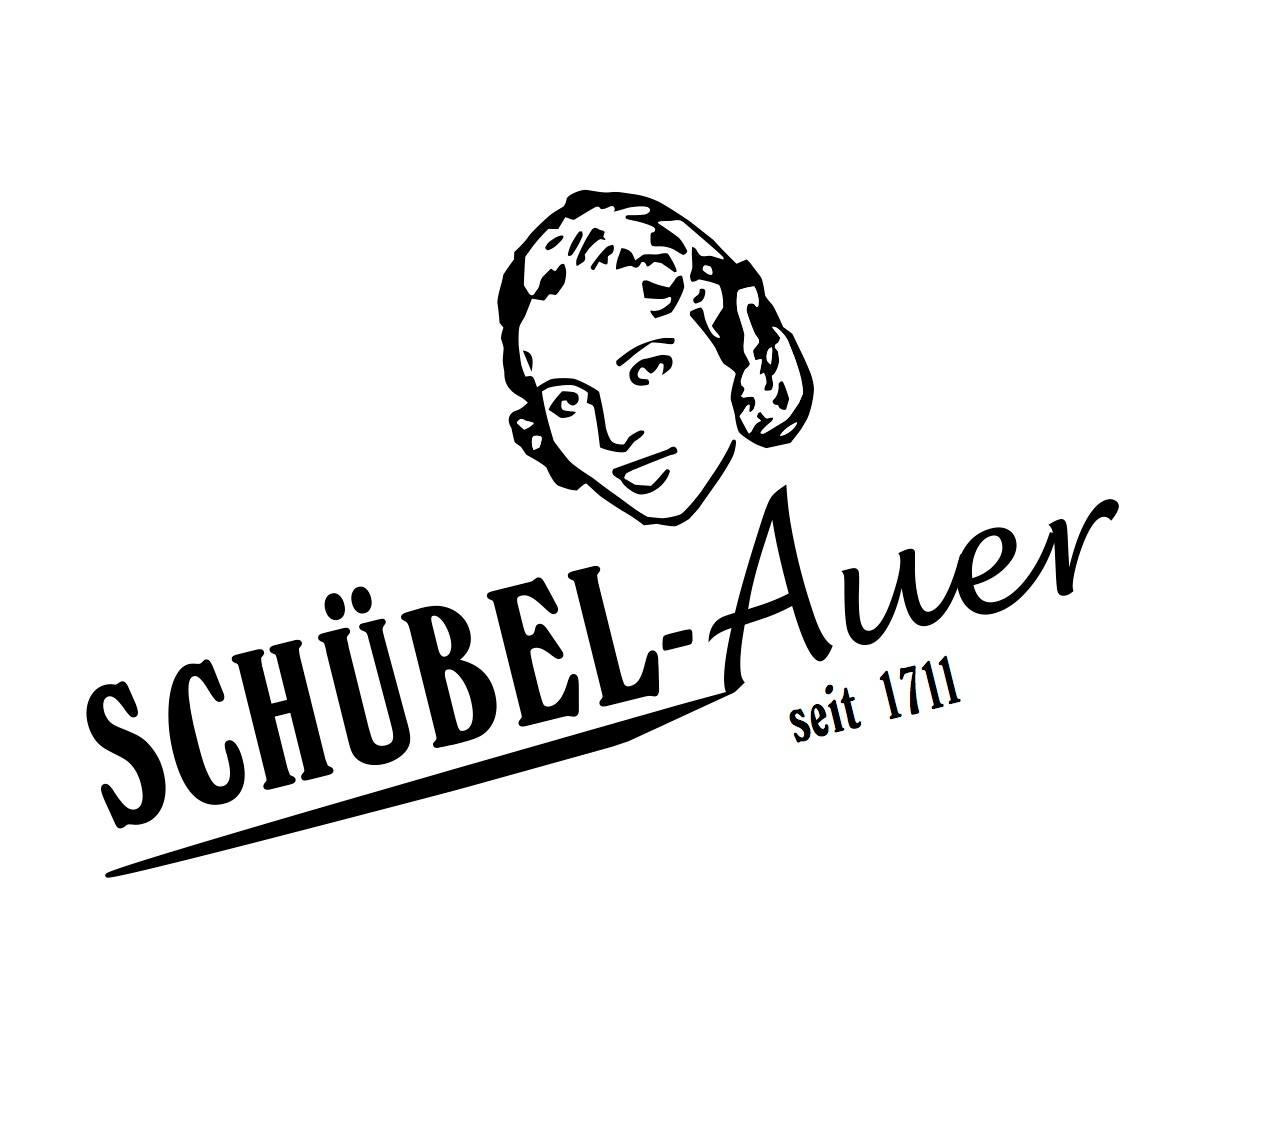 schuebel-auer